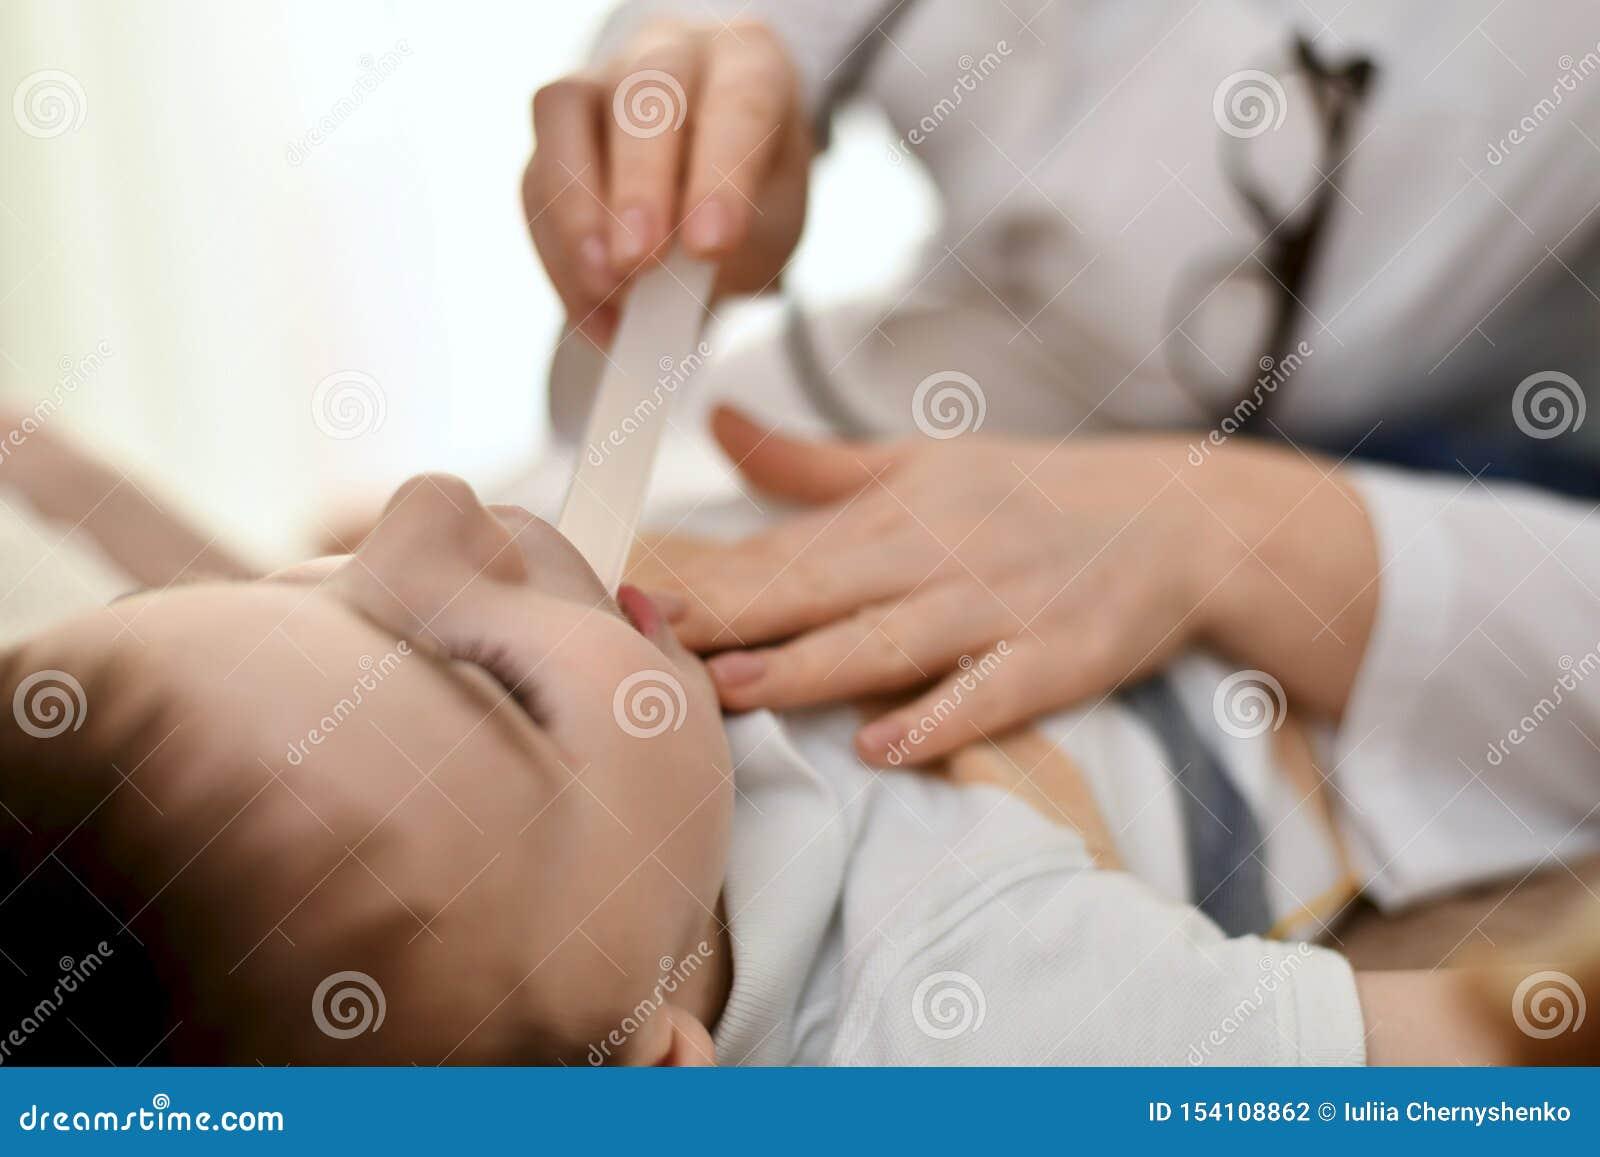 Der Doktor überprüft die Kehle eines Kindes